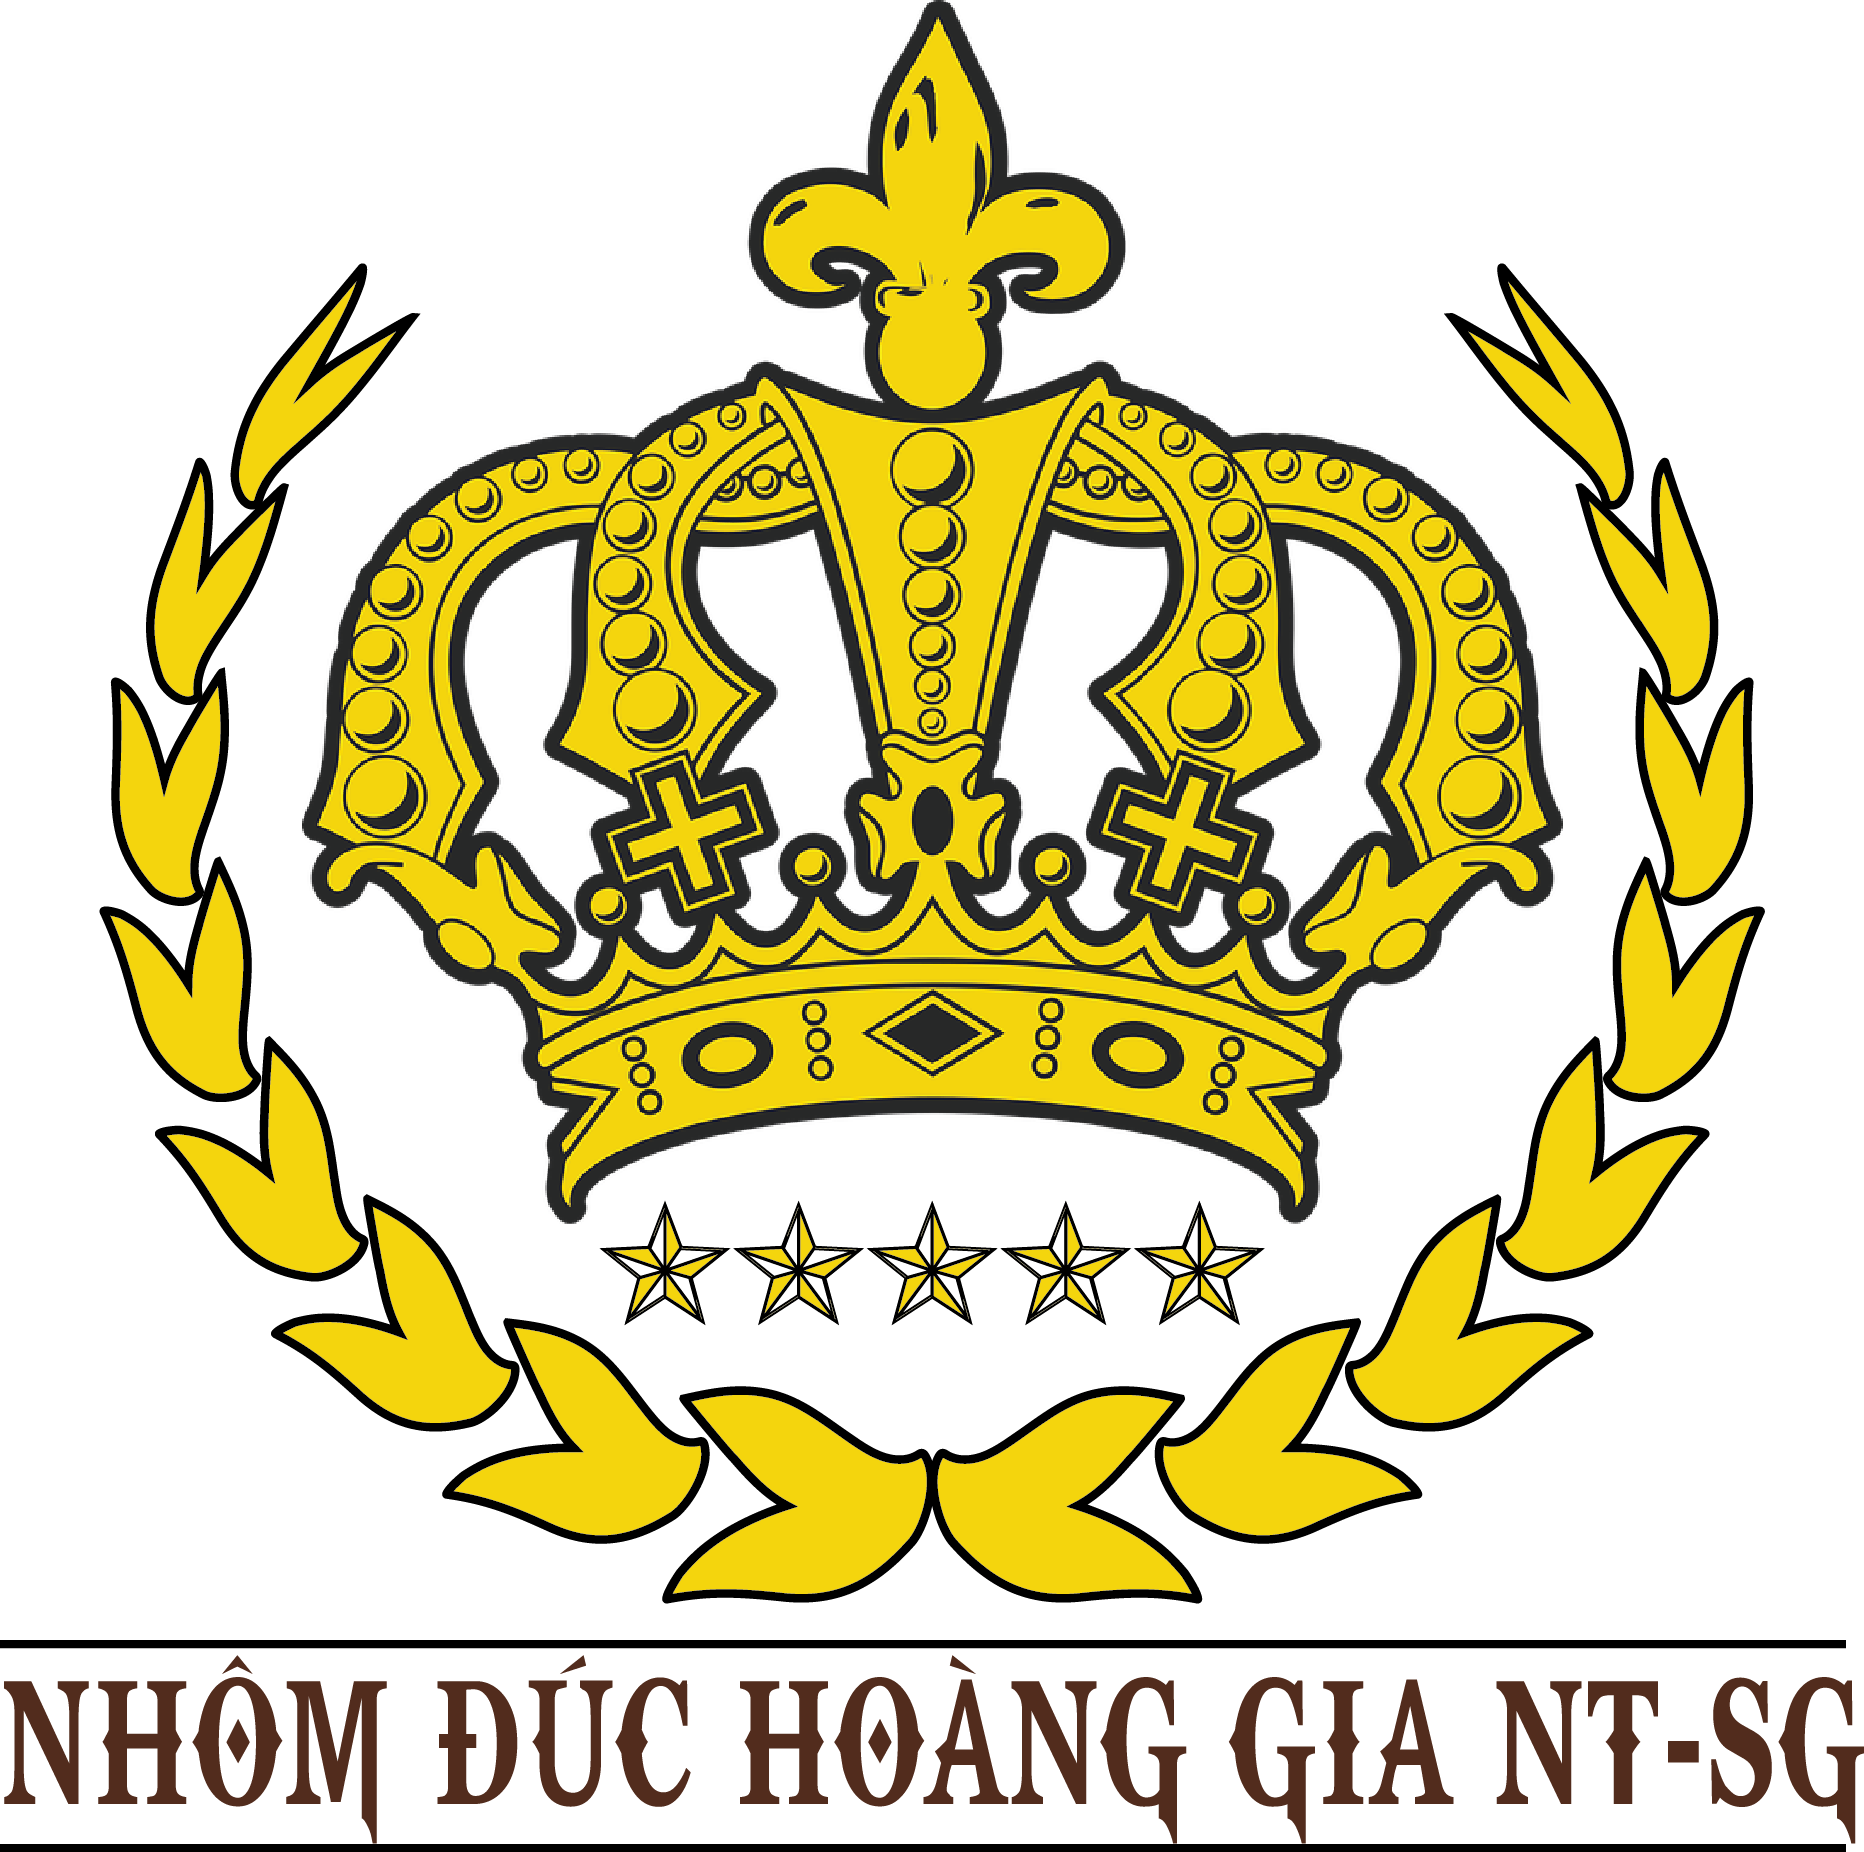 Cổng Nhôm Đúc Nha Trang Sài Gòn, Cổng Nhôm Đúc, Cổng Nhôm Đúc Vũng Tàu, Cửa Cổng Nhôm Đúc Vũng Tàu, Cửa Cổng Nhôm Đúc Bà Rịa Vũng Tàu